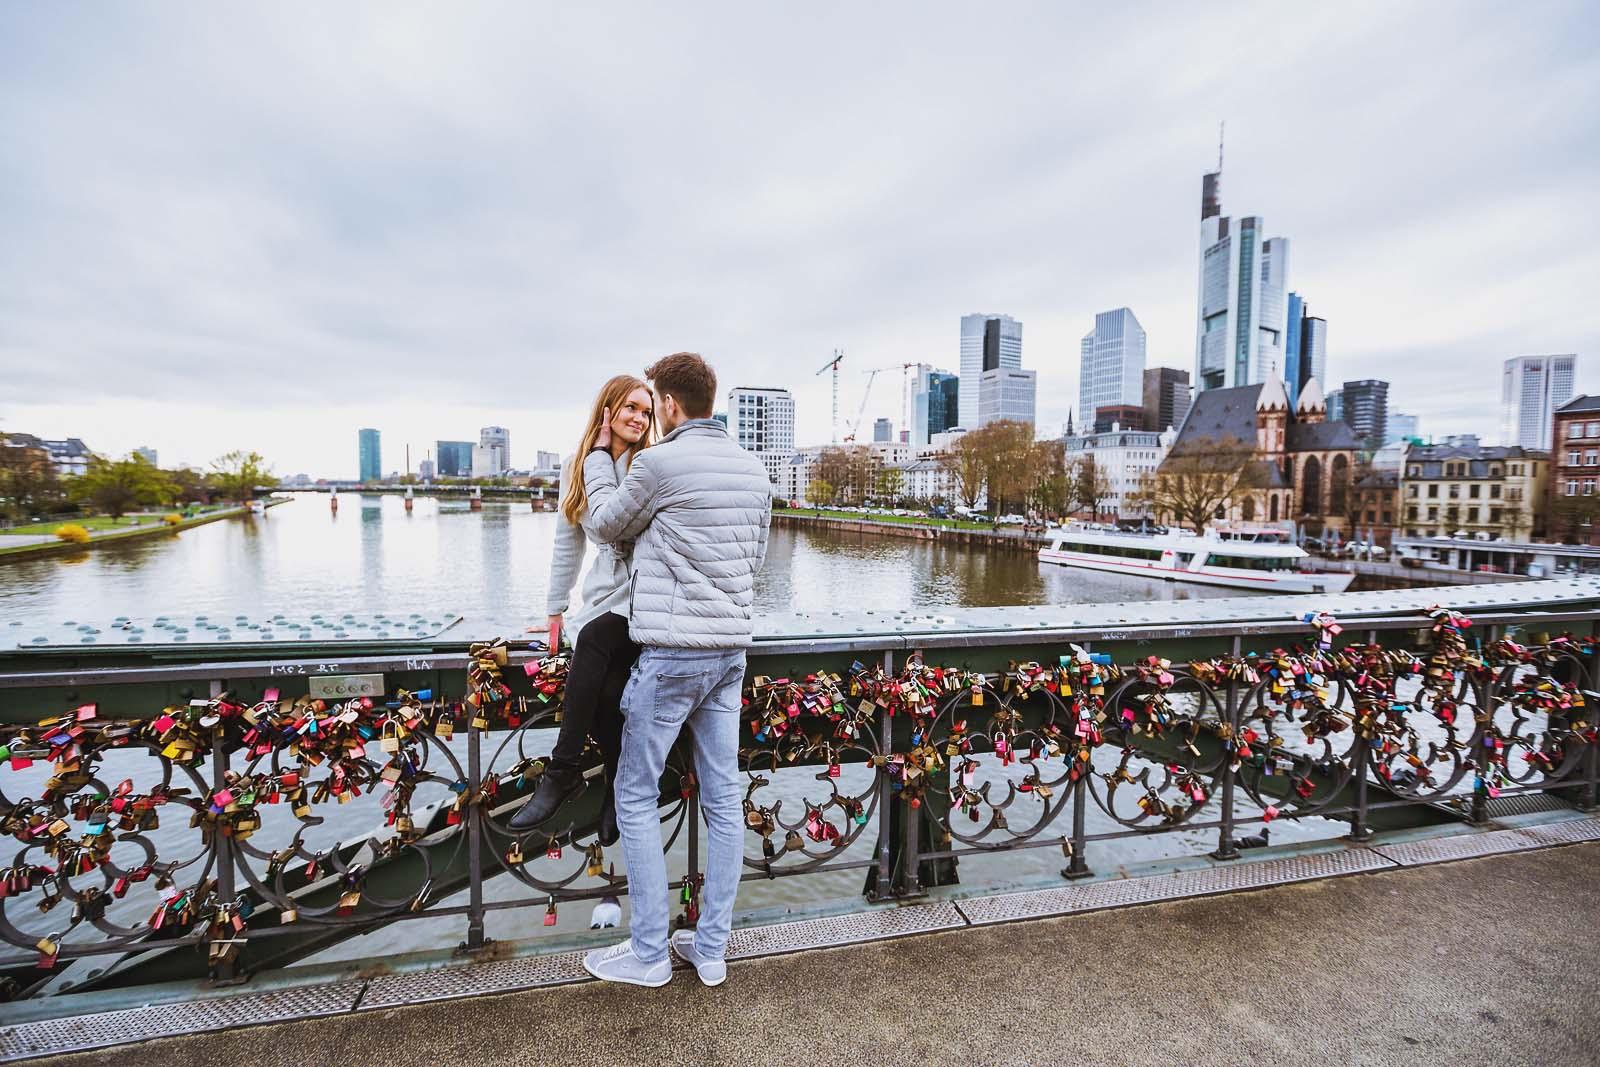 Hochzeitsfotograf mit einem Paar beim Probeshooting in Frankfurt am Main Copyright by Hochzeitsfotograf www.berliner-hochzeitsfotografie.de